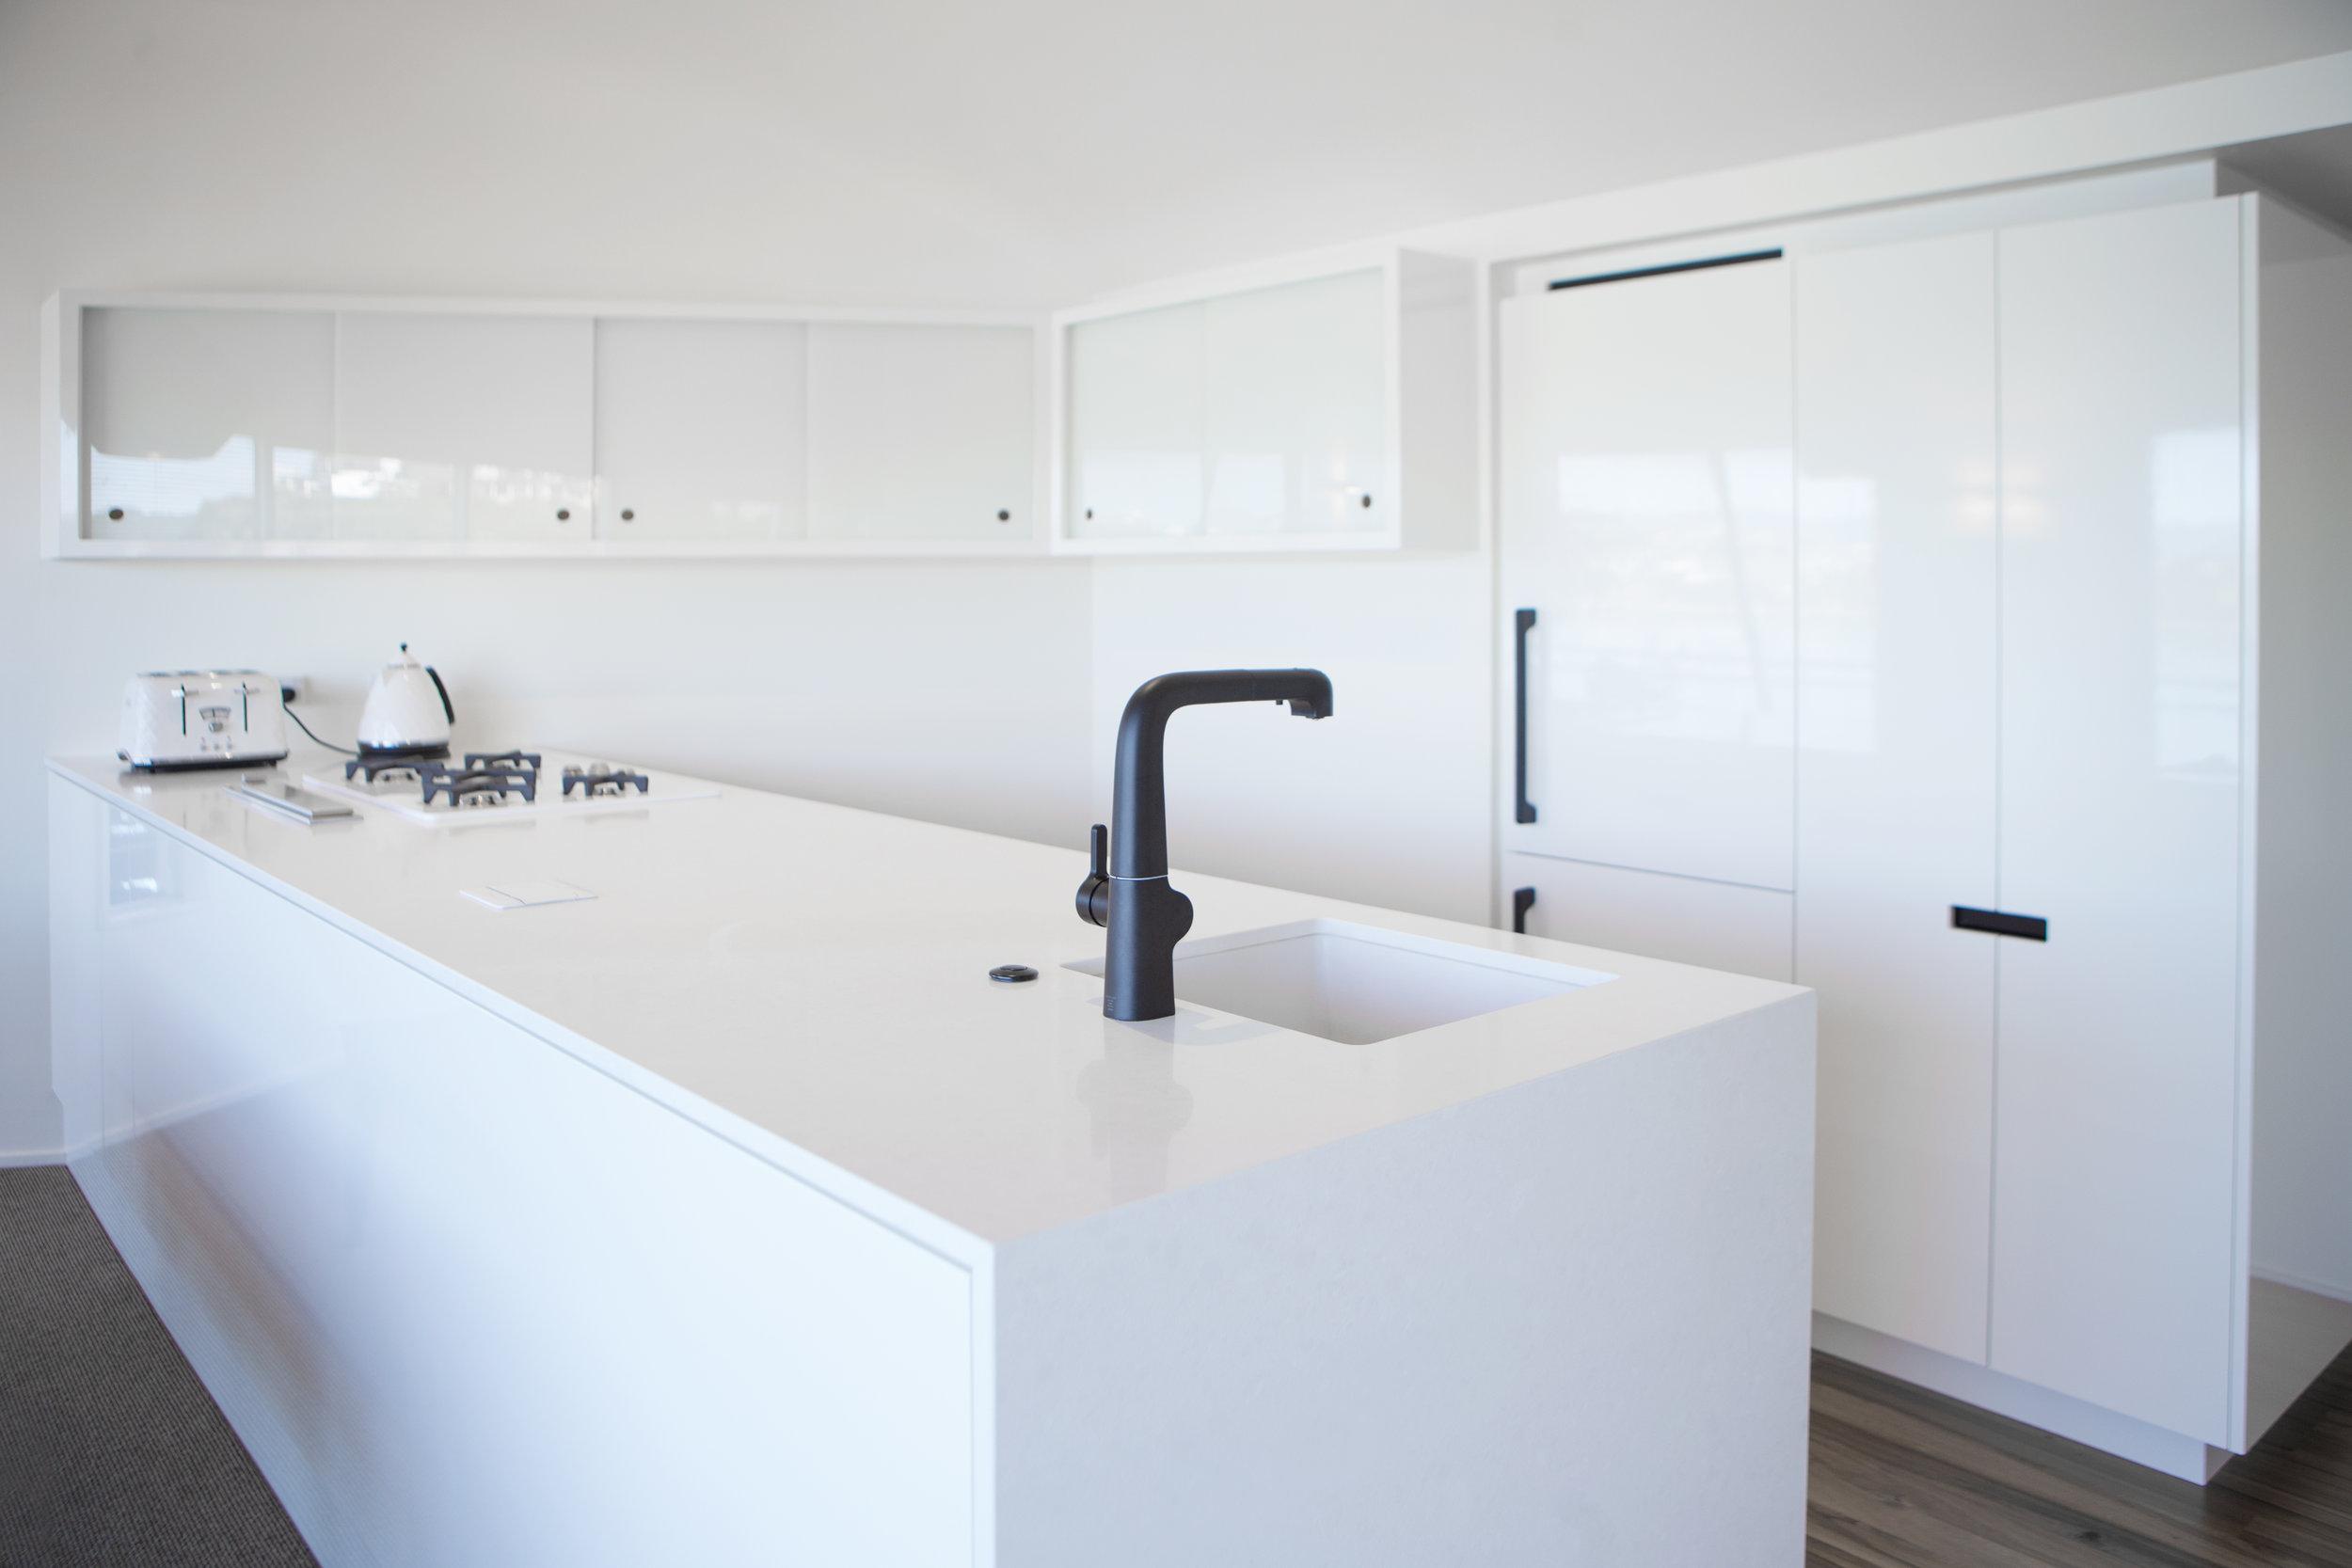 In Haus Design White Kitchen 02.jpg